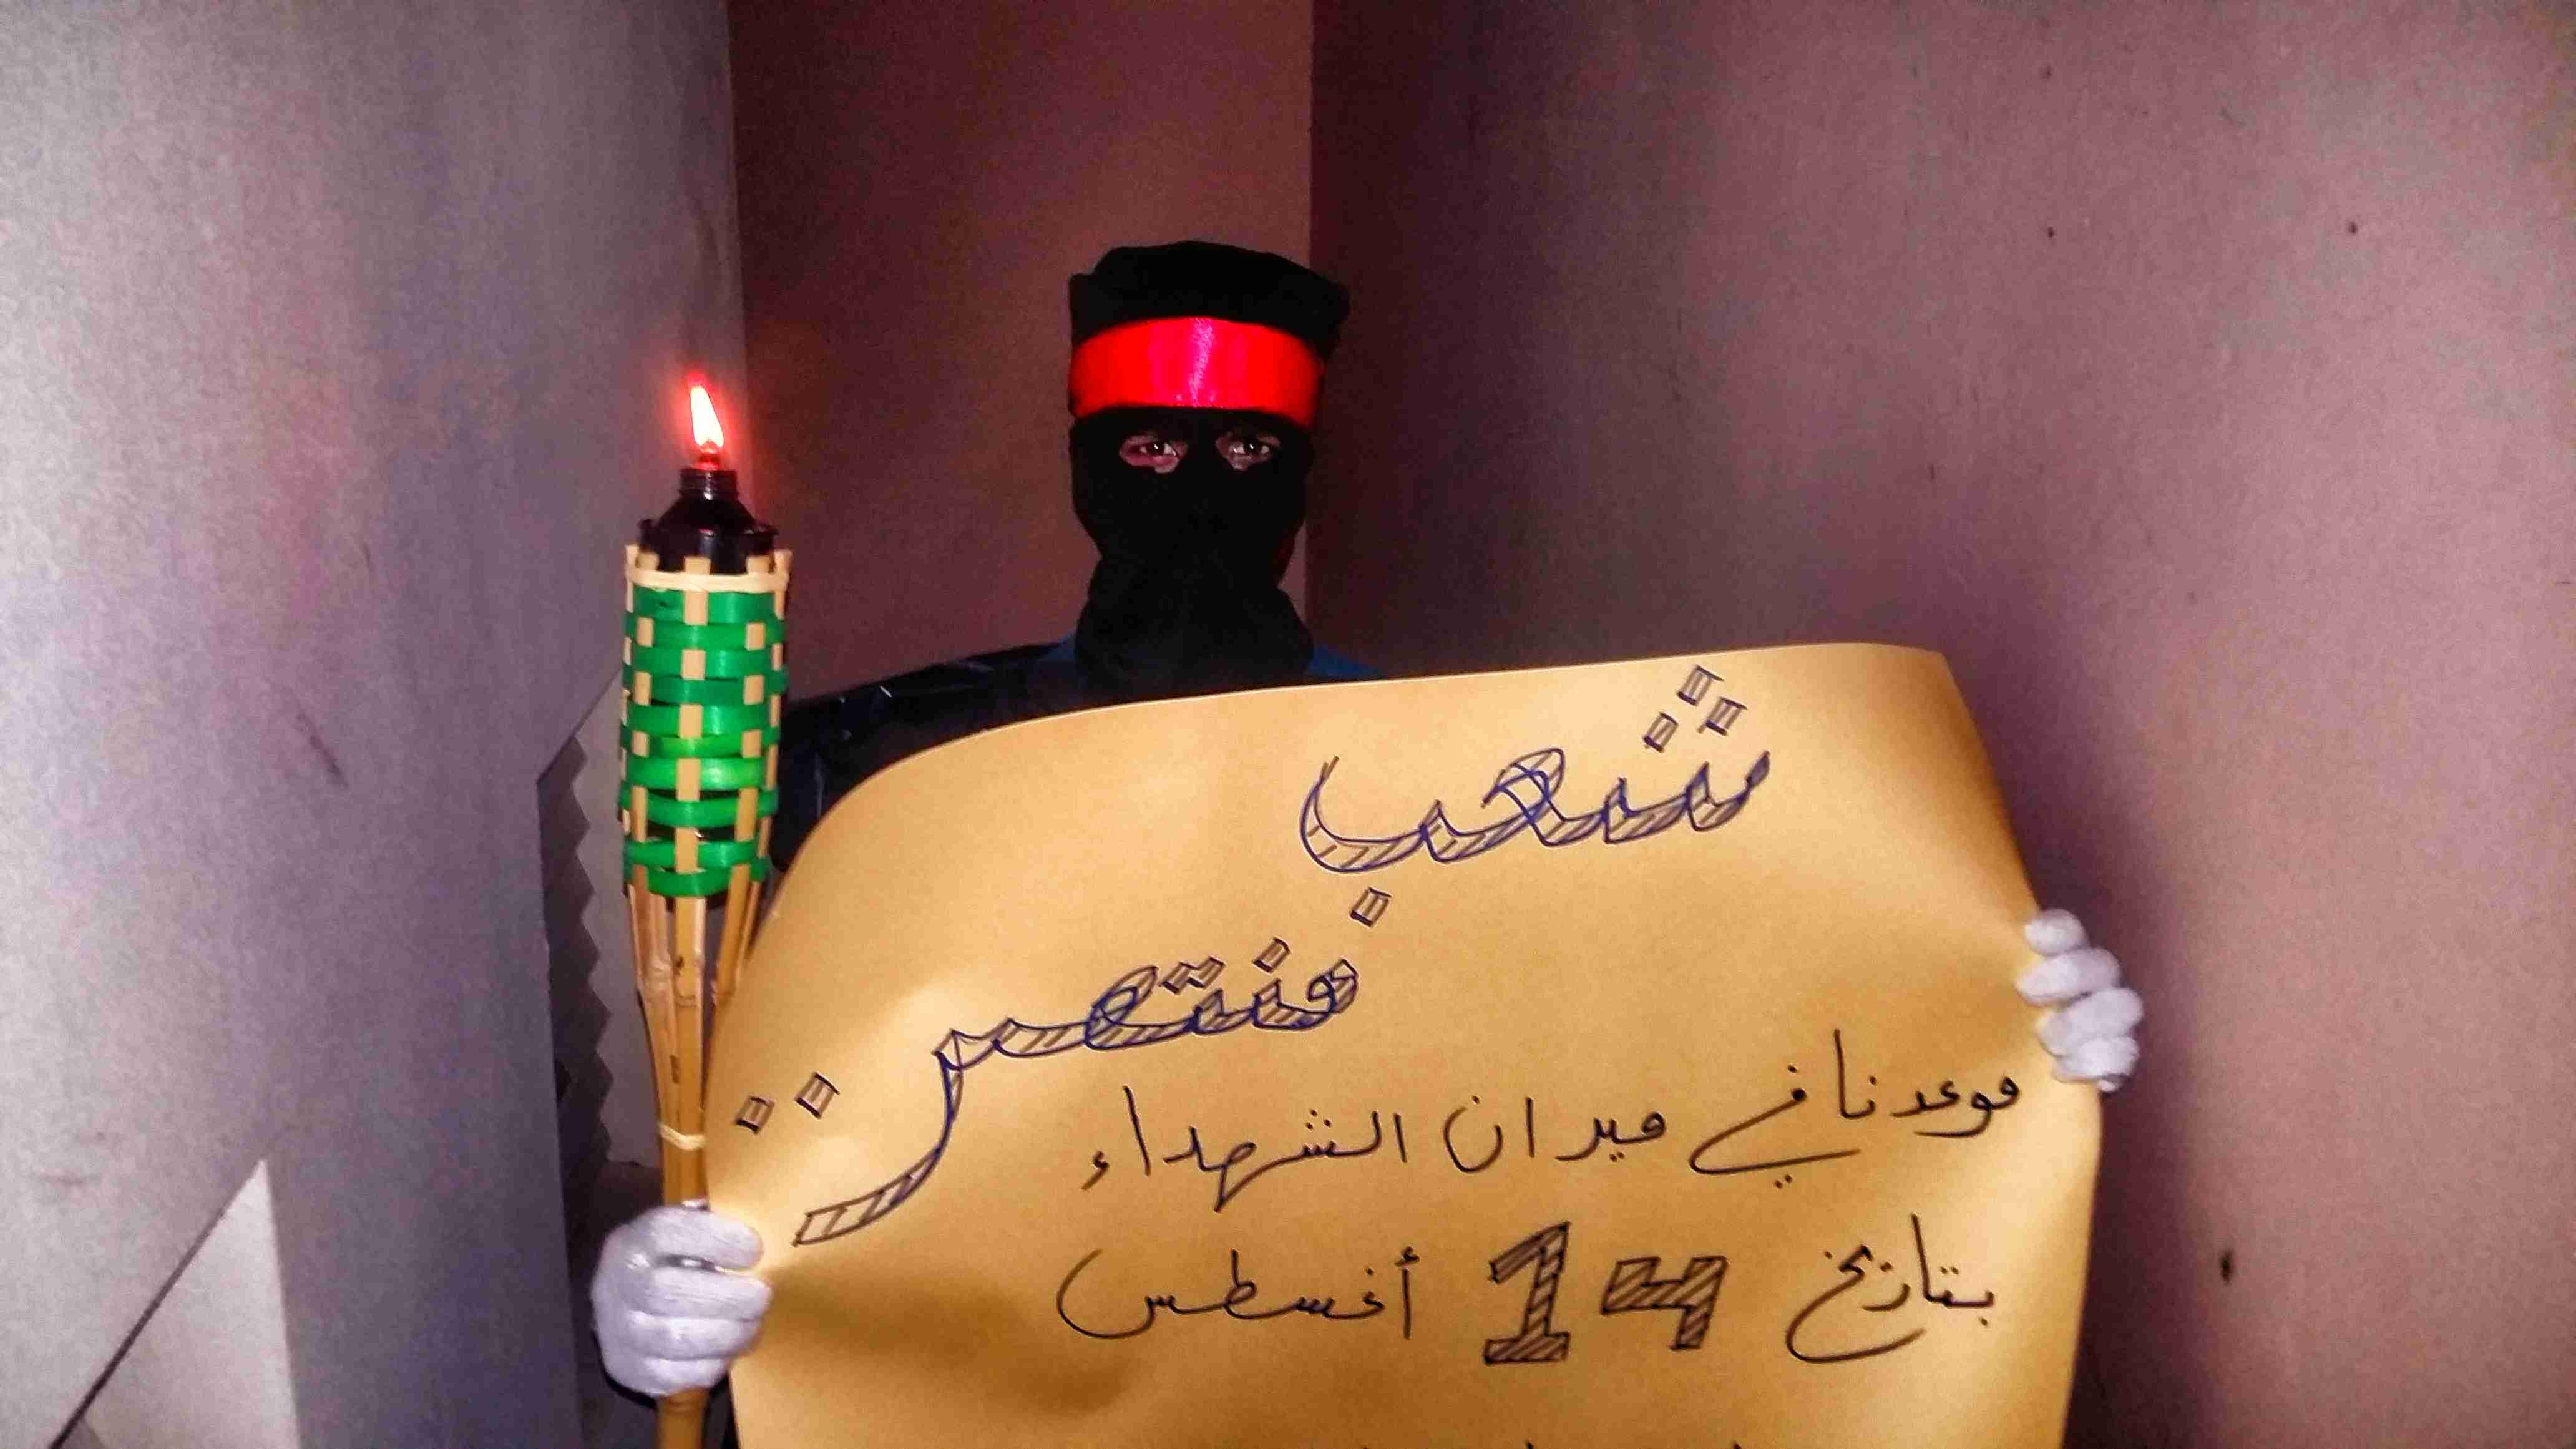 بلدات البحرين تضاء بـ «شعلة الاستقلال» تمهيدا لاستحقاق«14 أغسطس»